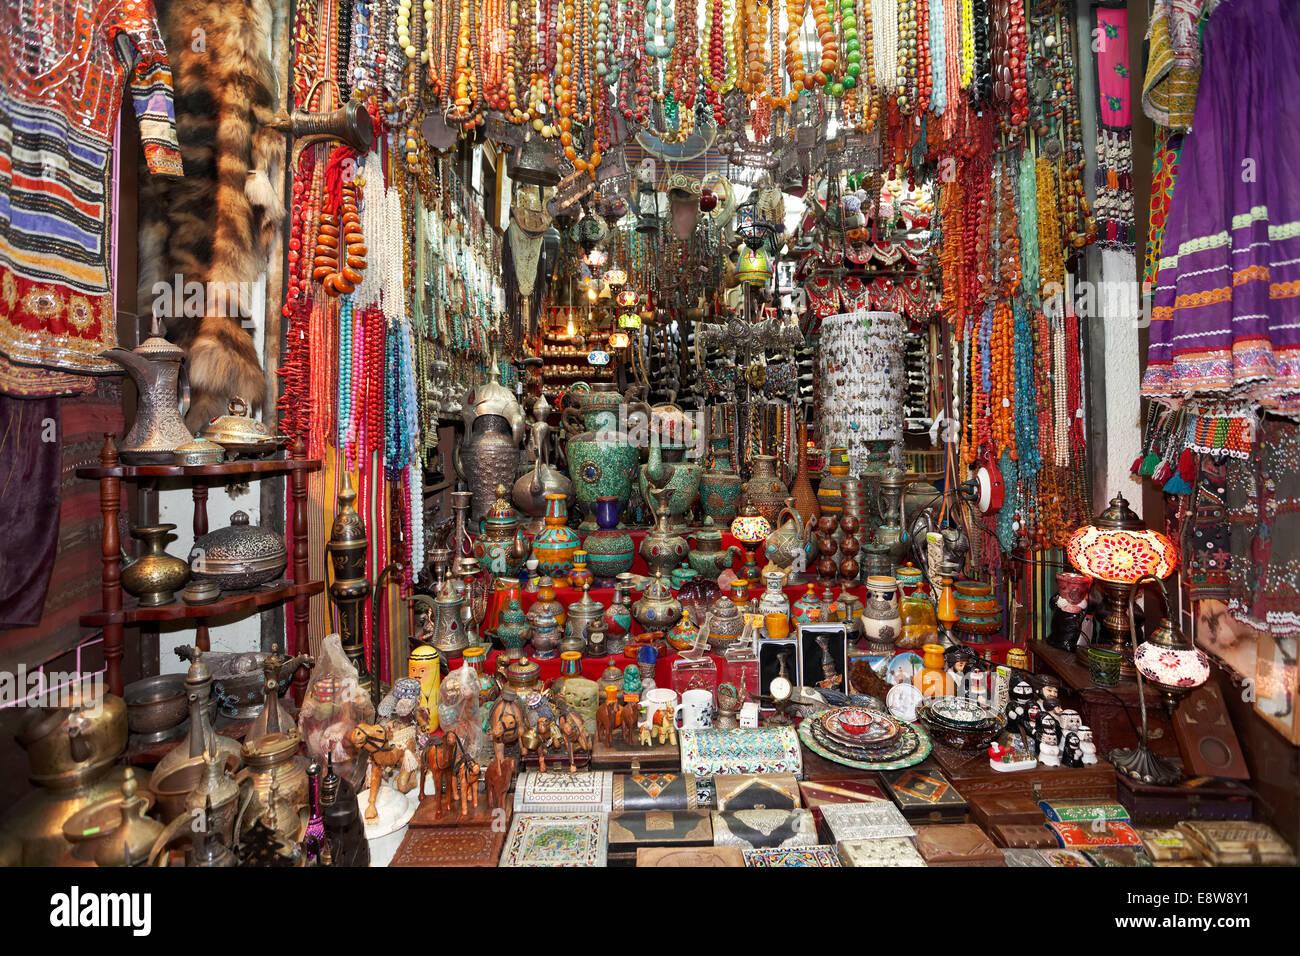 Mercanzia colorata e negozio di souvenir in un negozio nel souk Muttrah mercato, Muttrah, Muscat Oman Immagini Stock